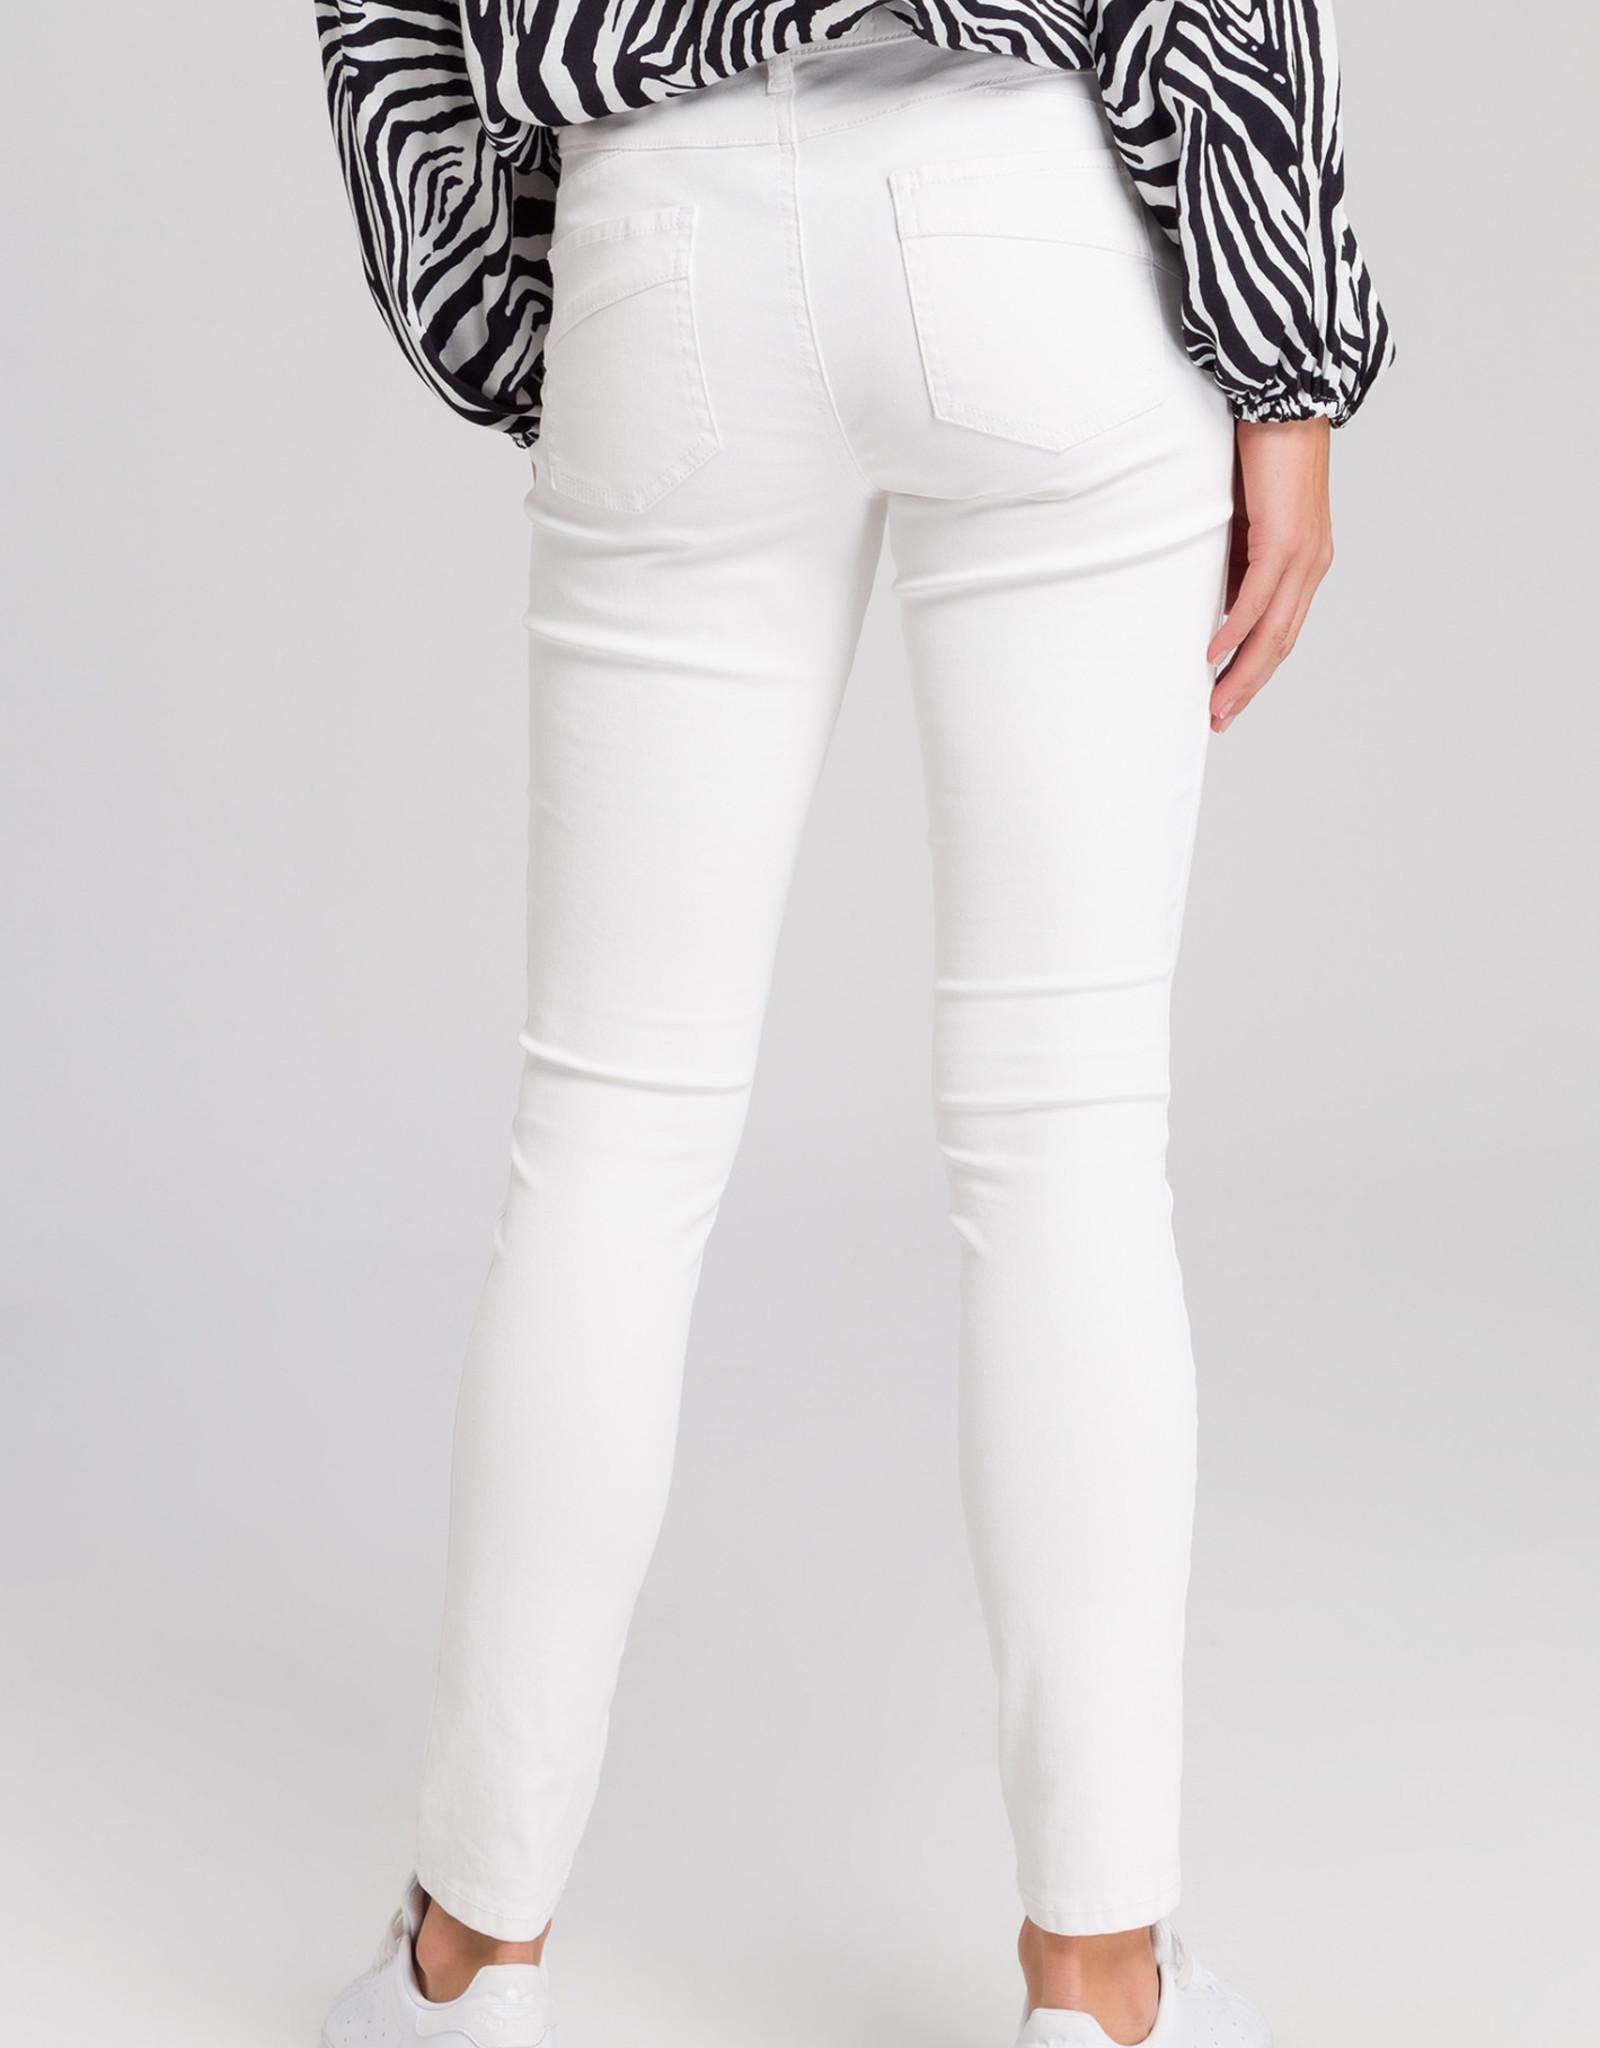 Marc Aurel Jeans White